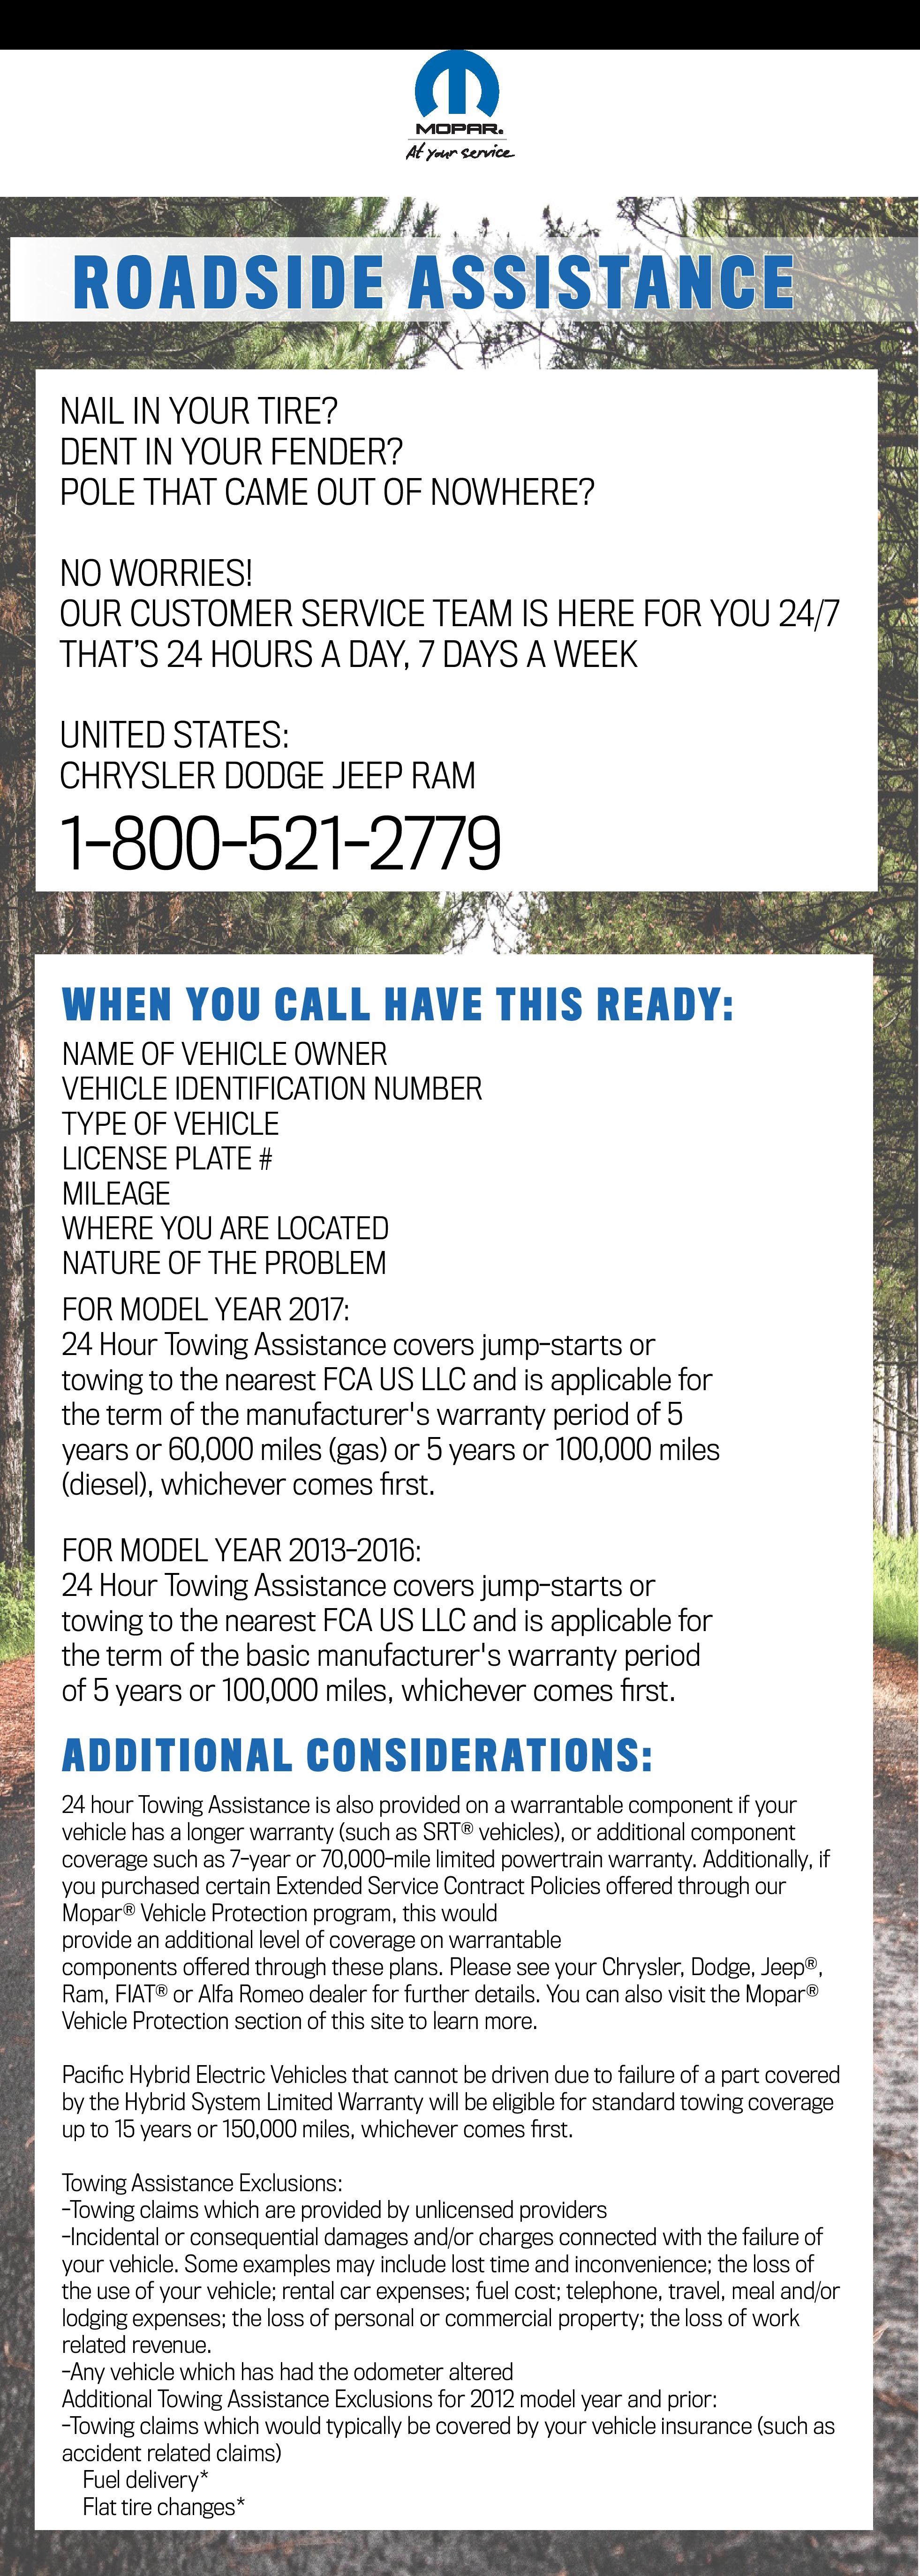 MOPAR Roadside Assistance in Billings, MT